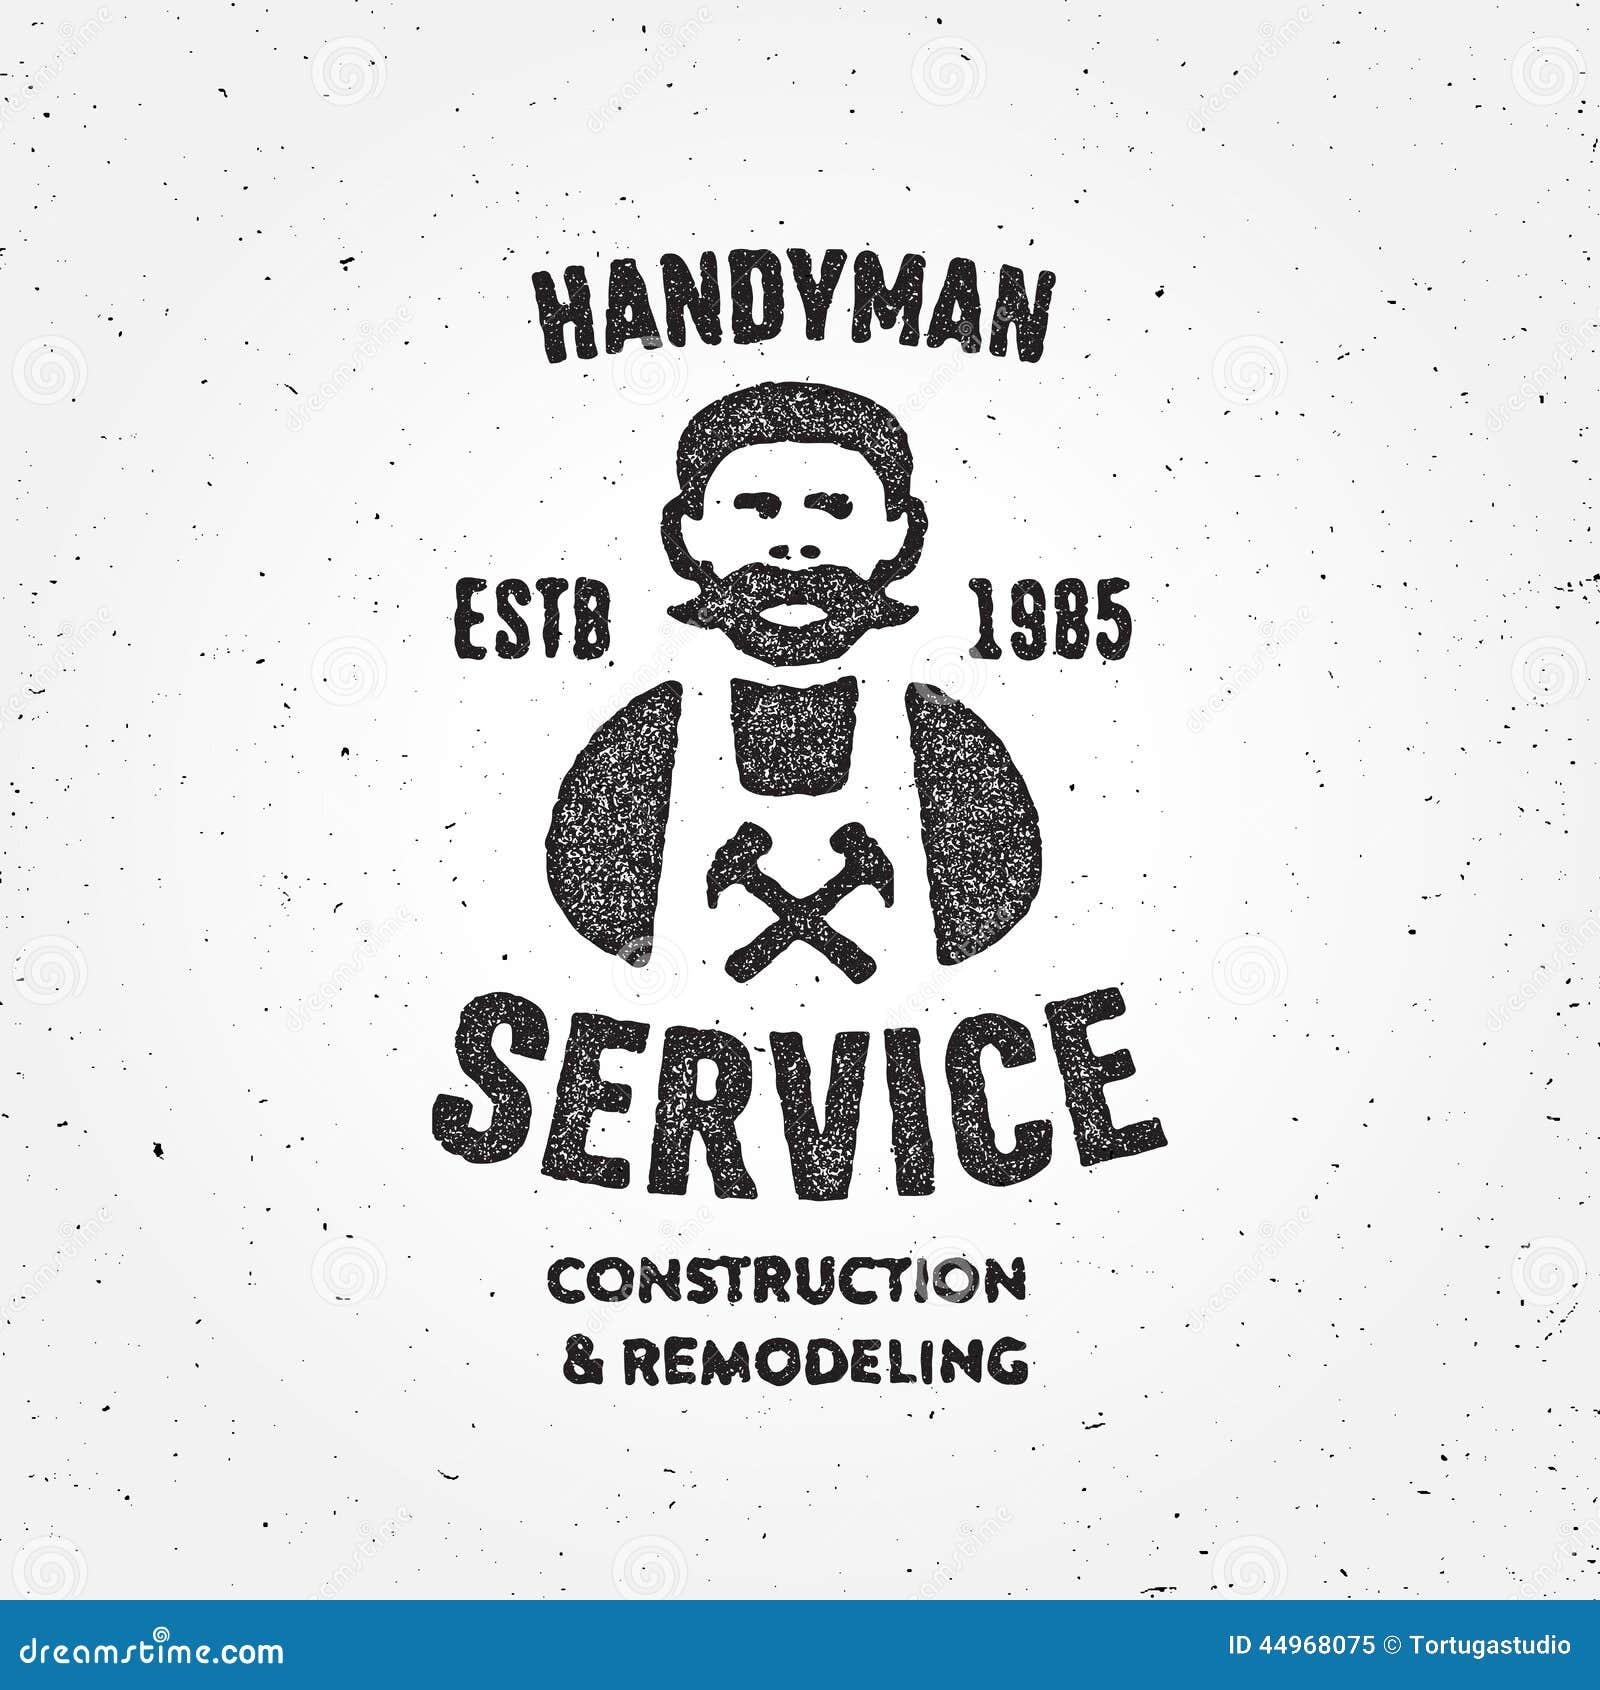 Κατασκευασμένο αναδρομικό Handyman σύμβολο διακριτικών υπηρεσιών ξυλουργών εταιρικό